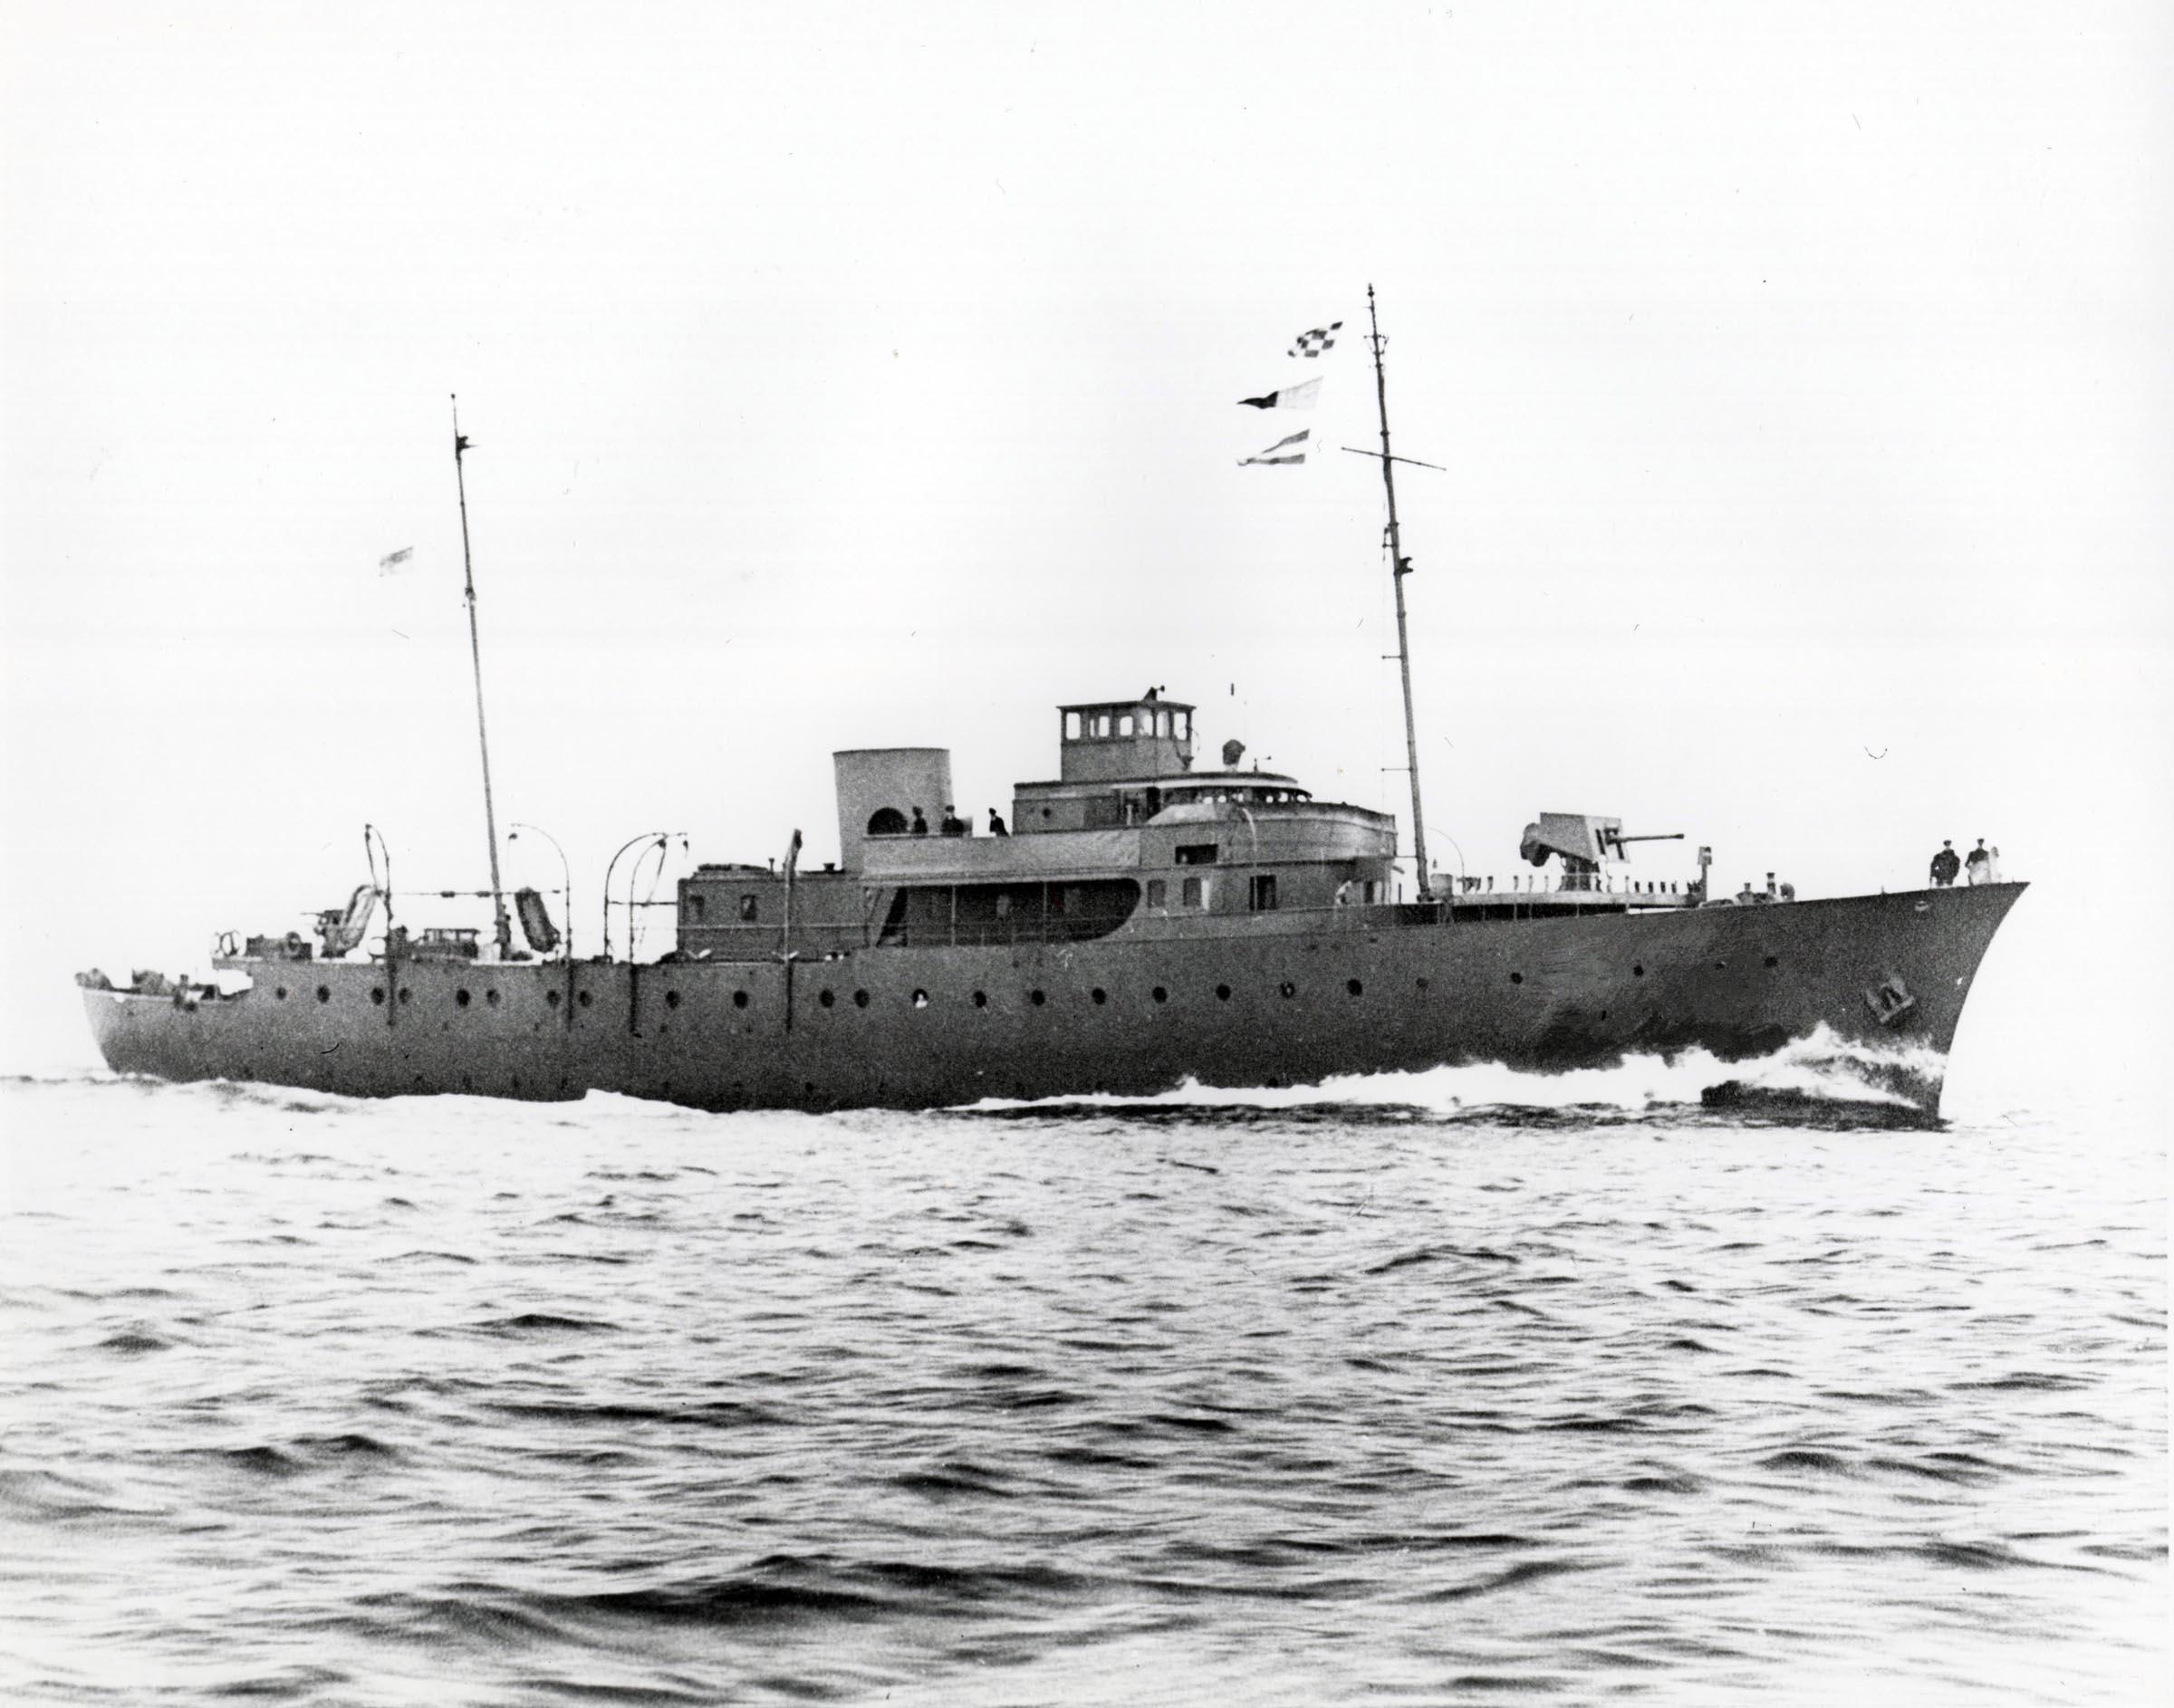 HMCS SANS PEUR